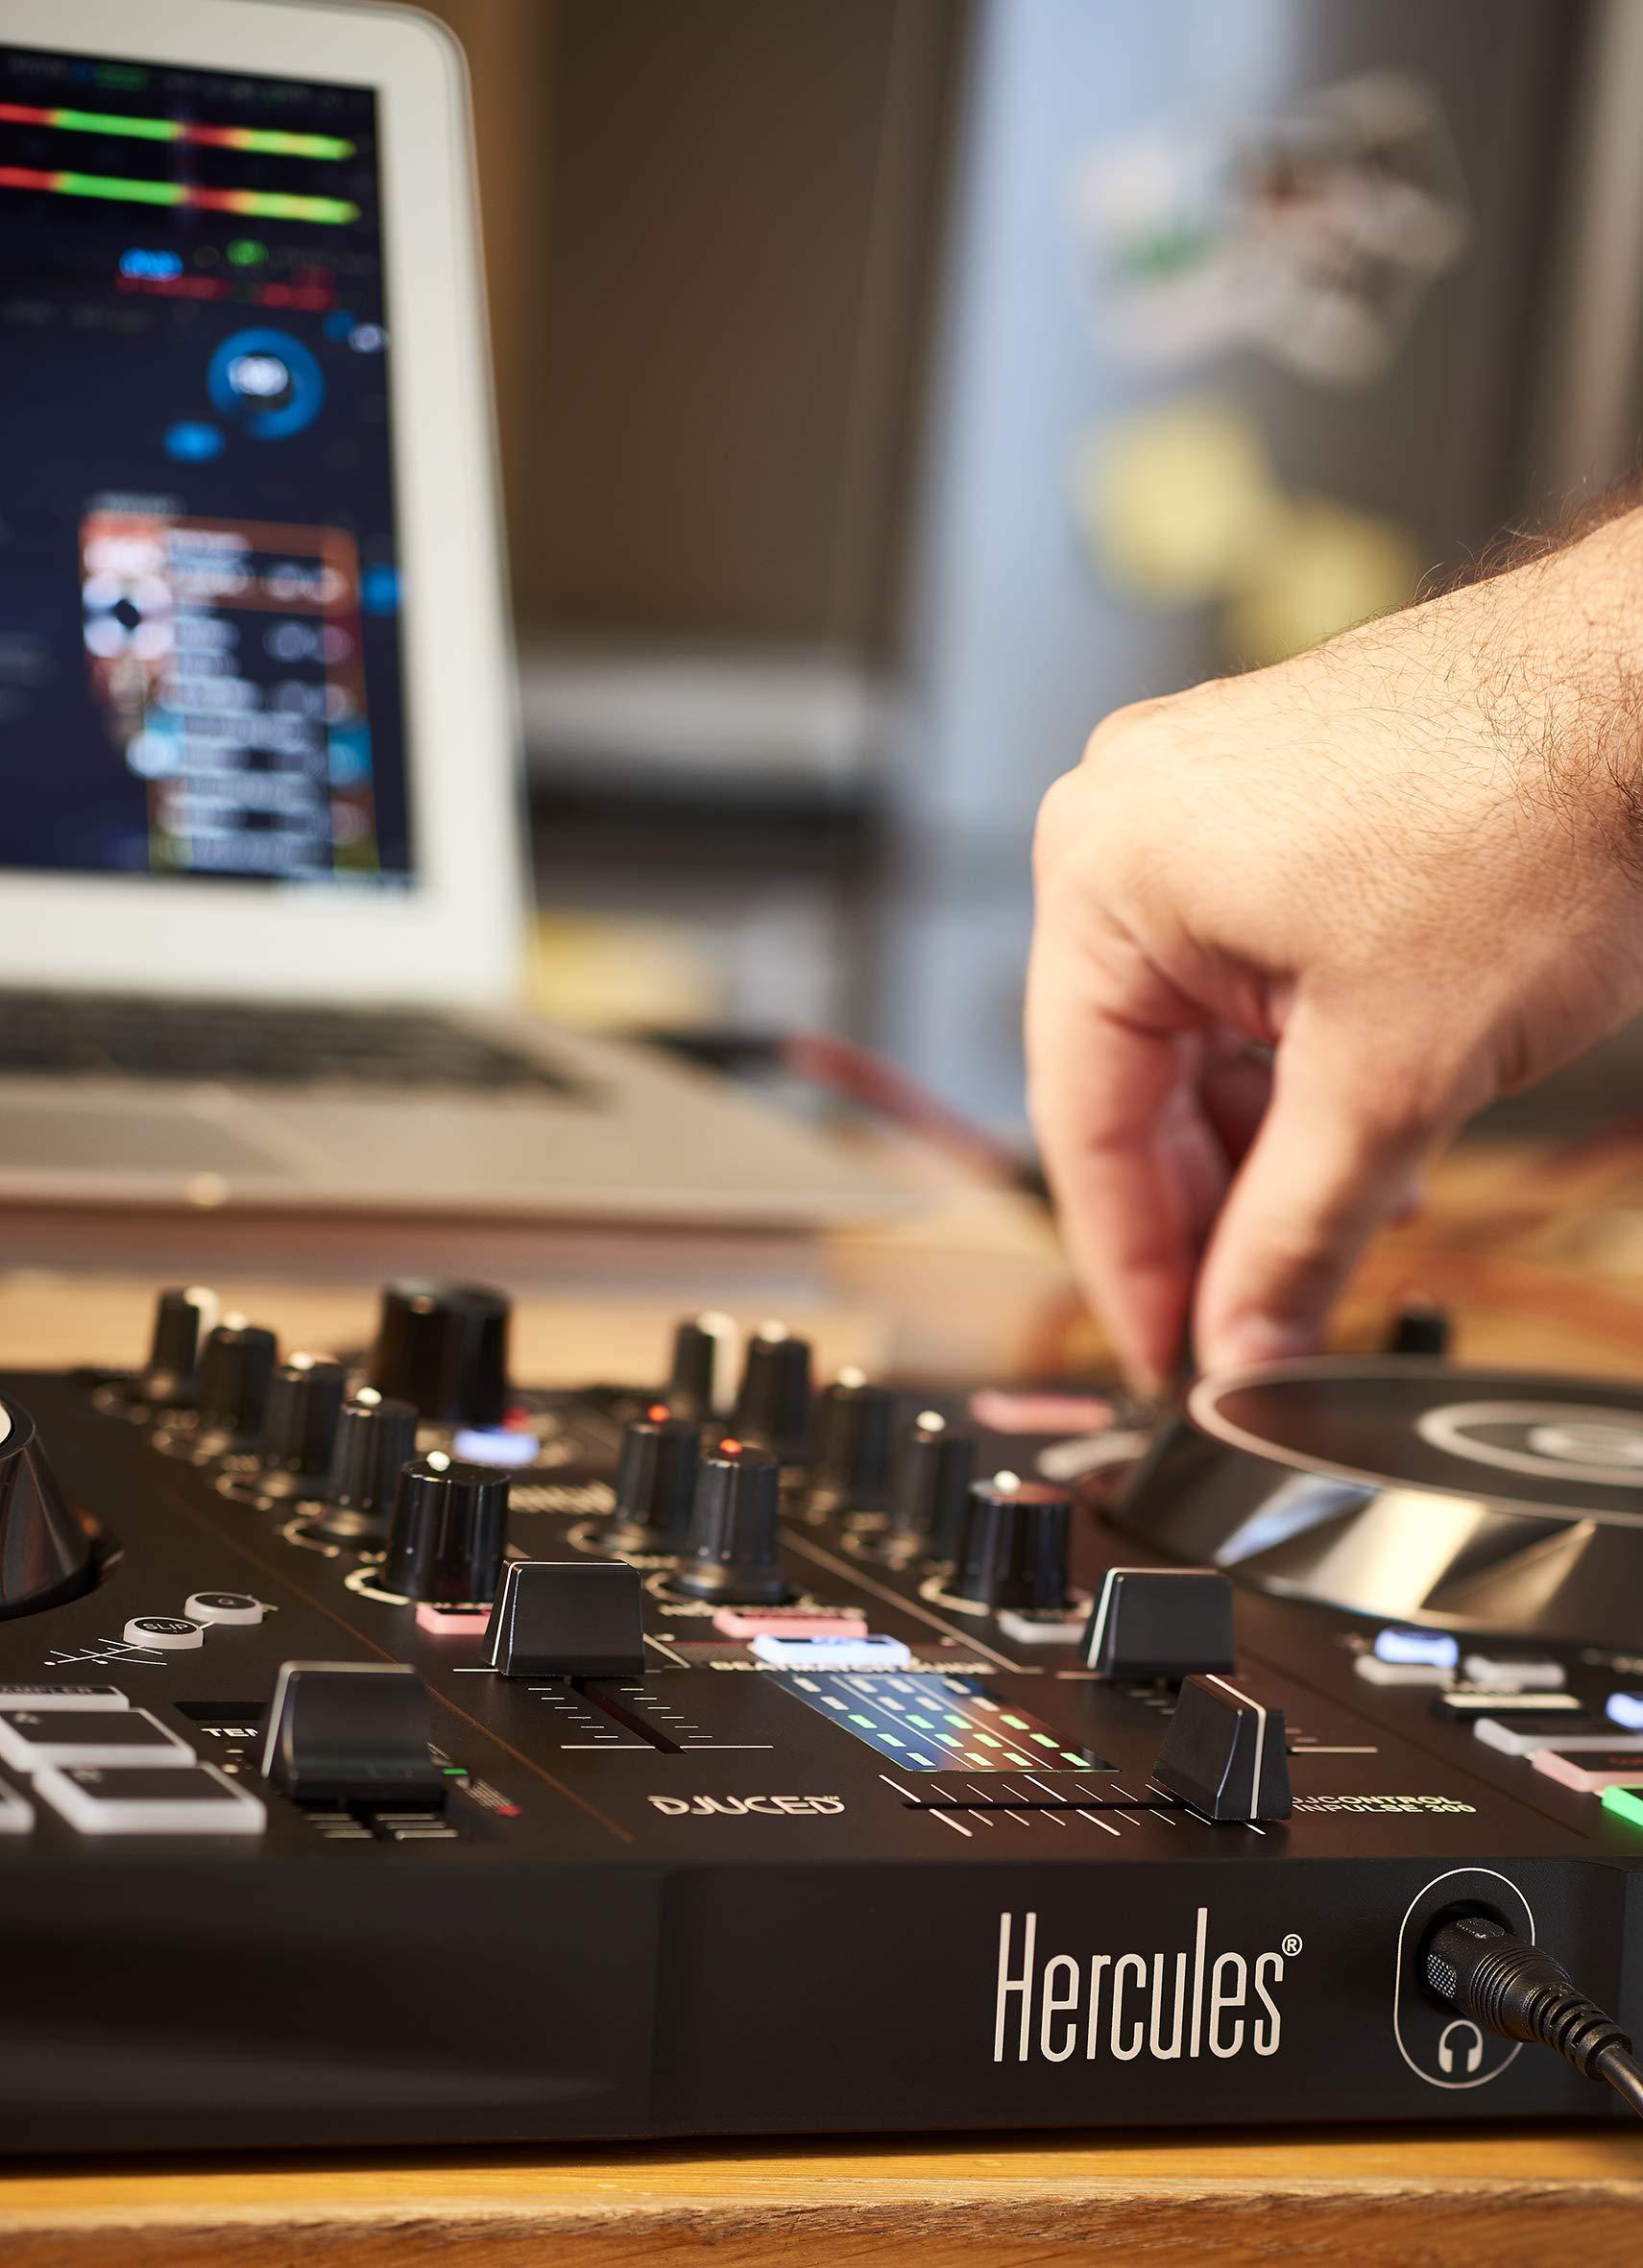 Hercules DJ Control Inpulse 300 (AMS-DJC-INPULSE-300) by Hercules DJ (Image #9)